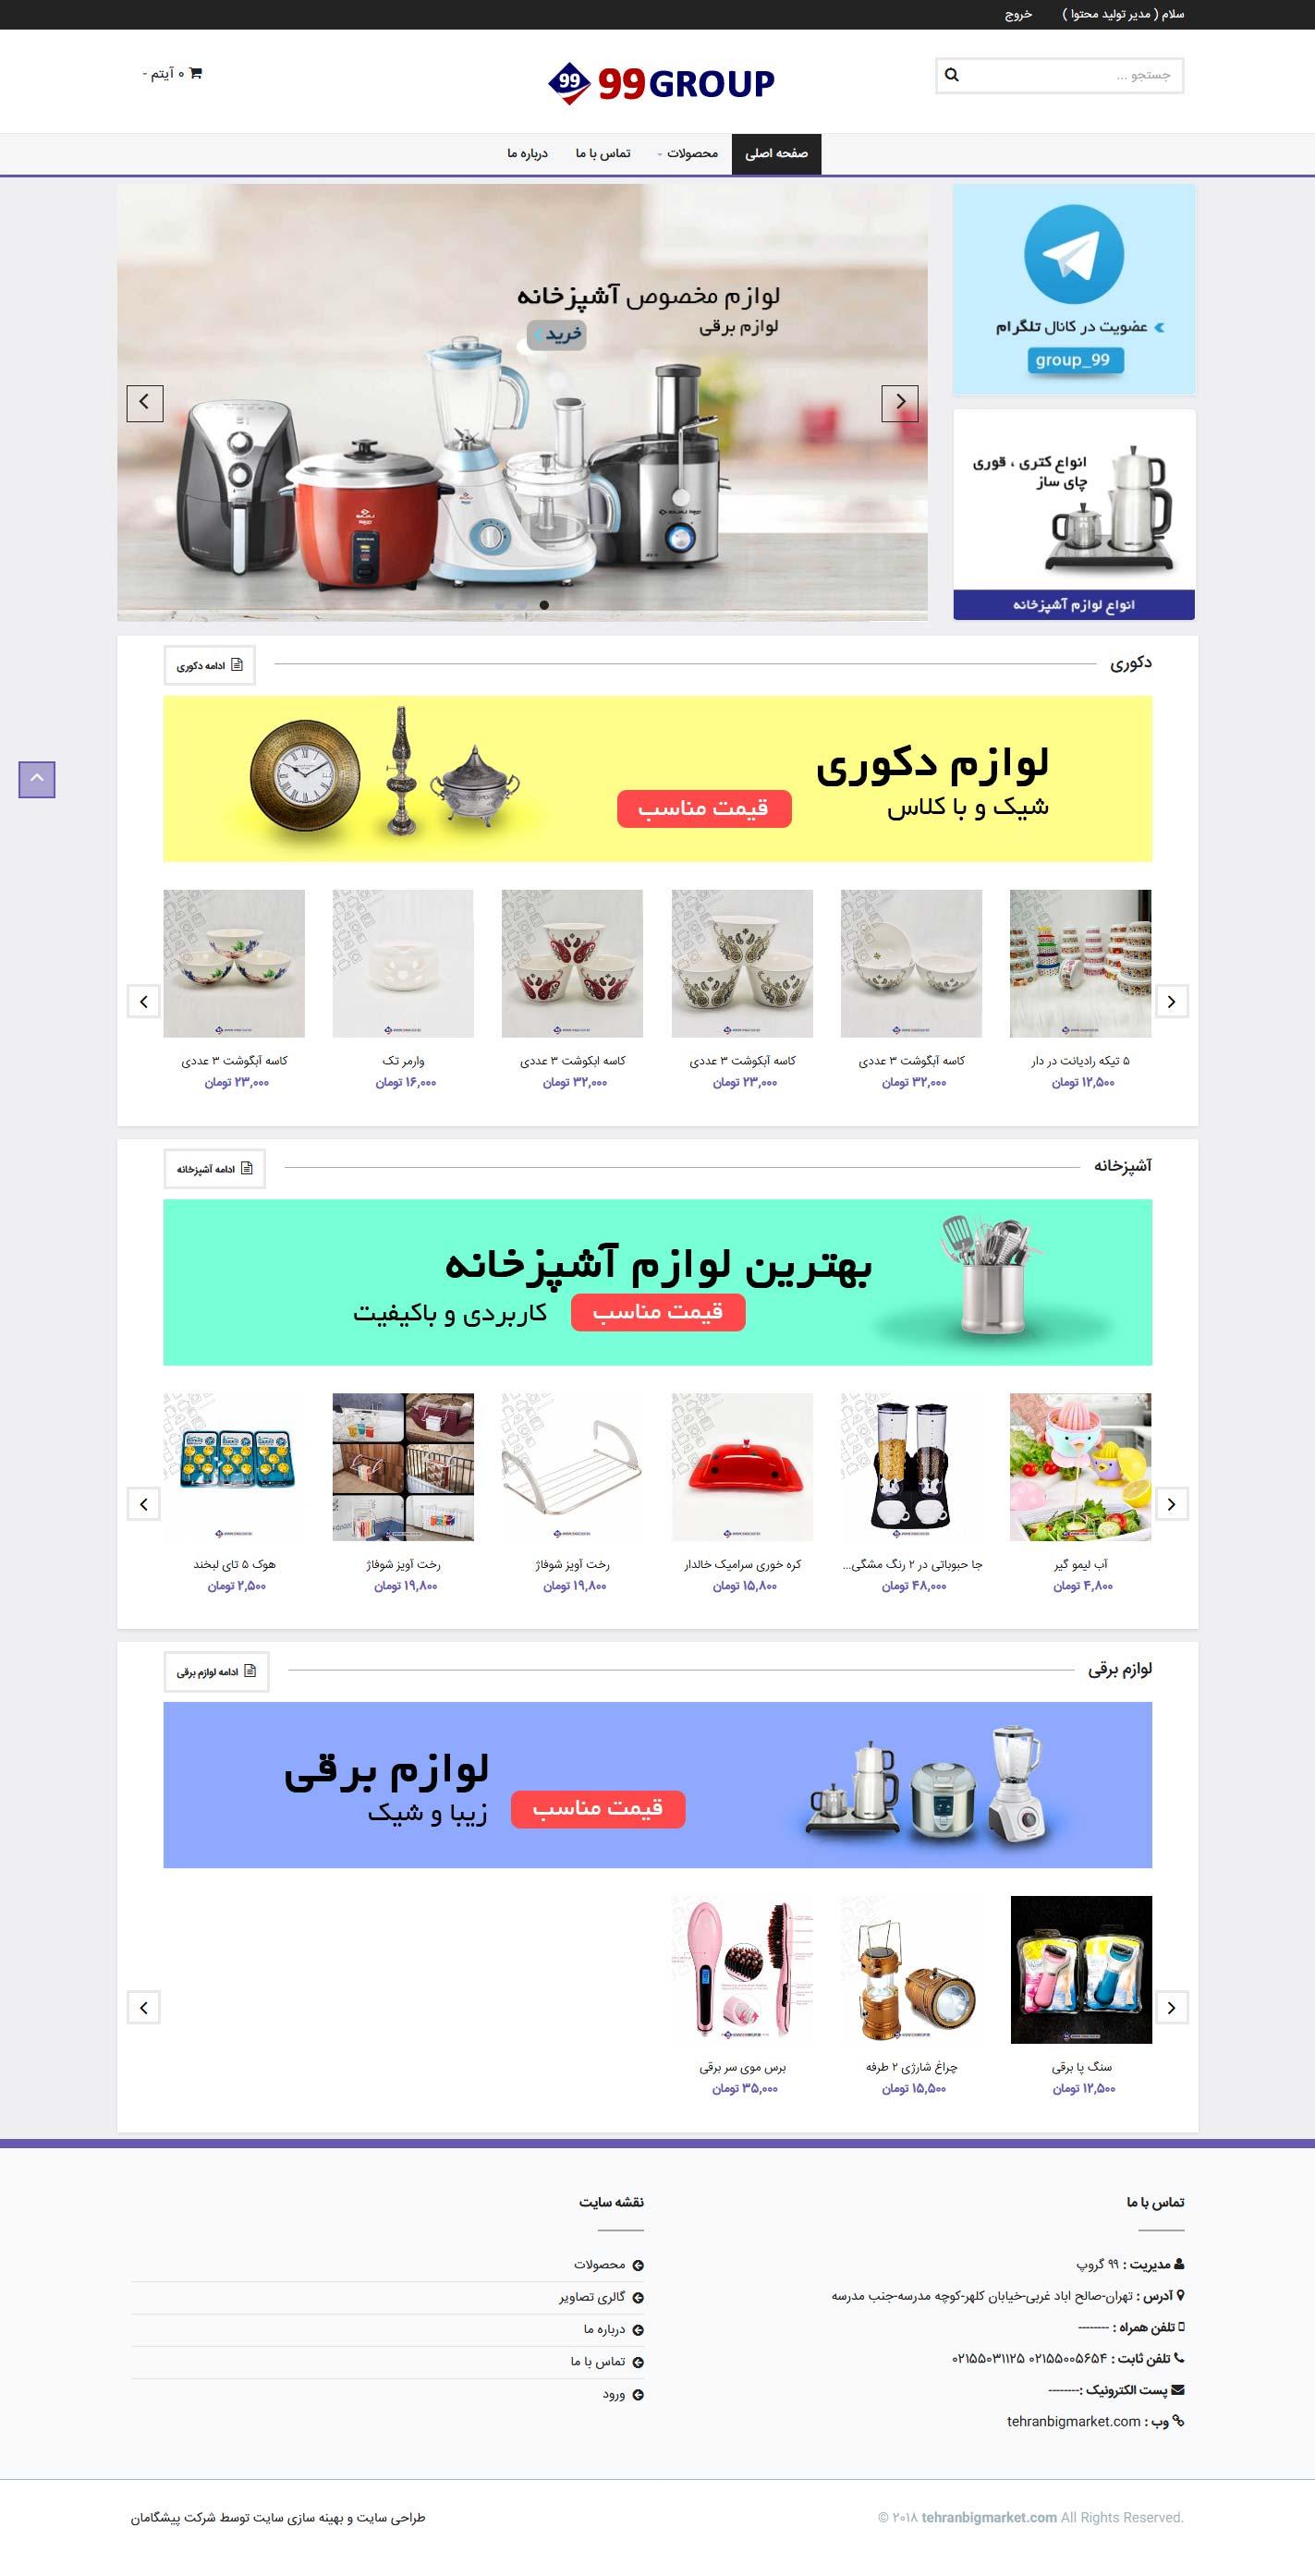 طراحی فروشگاه اینترنتی لوازم خانگی